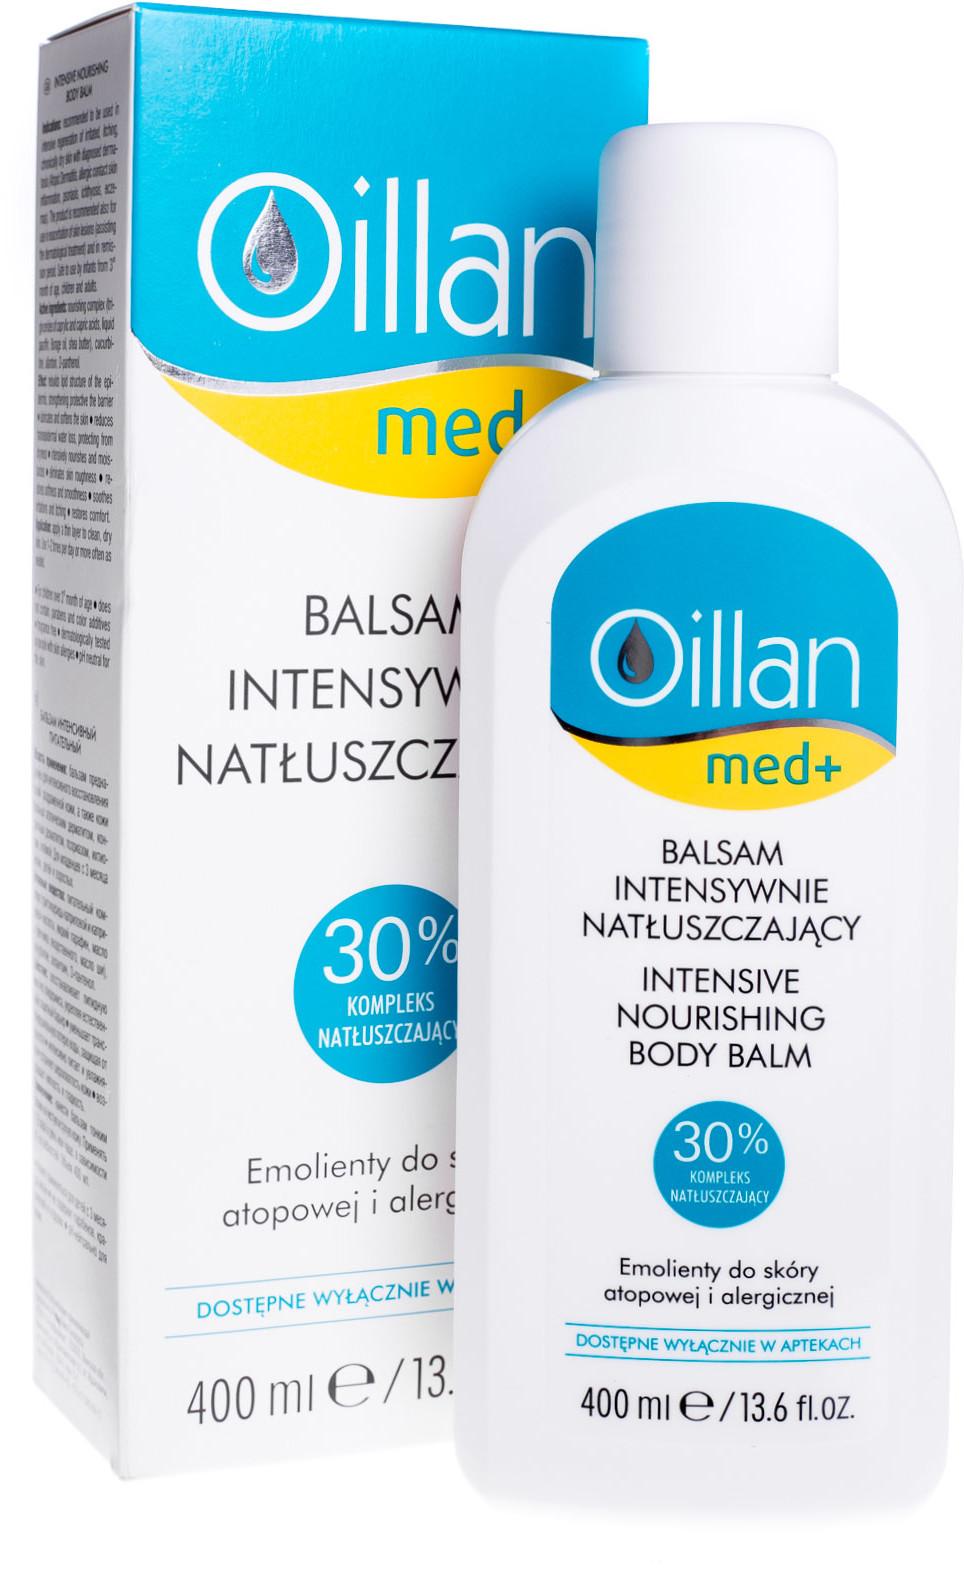 Oceanic OILLAN BABY Płyn do mycia i zestaw kosmetyków do kąpieli/pod prysznic 2w1 - 400 ml + Balsam